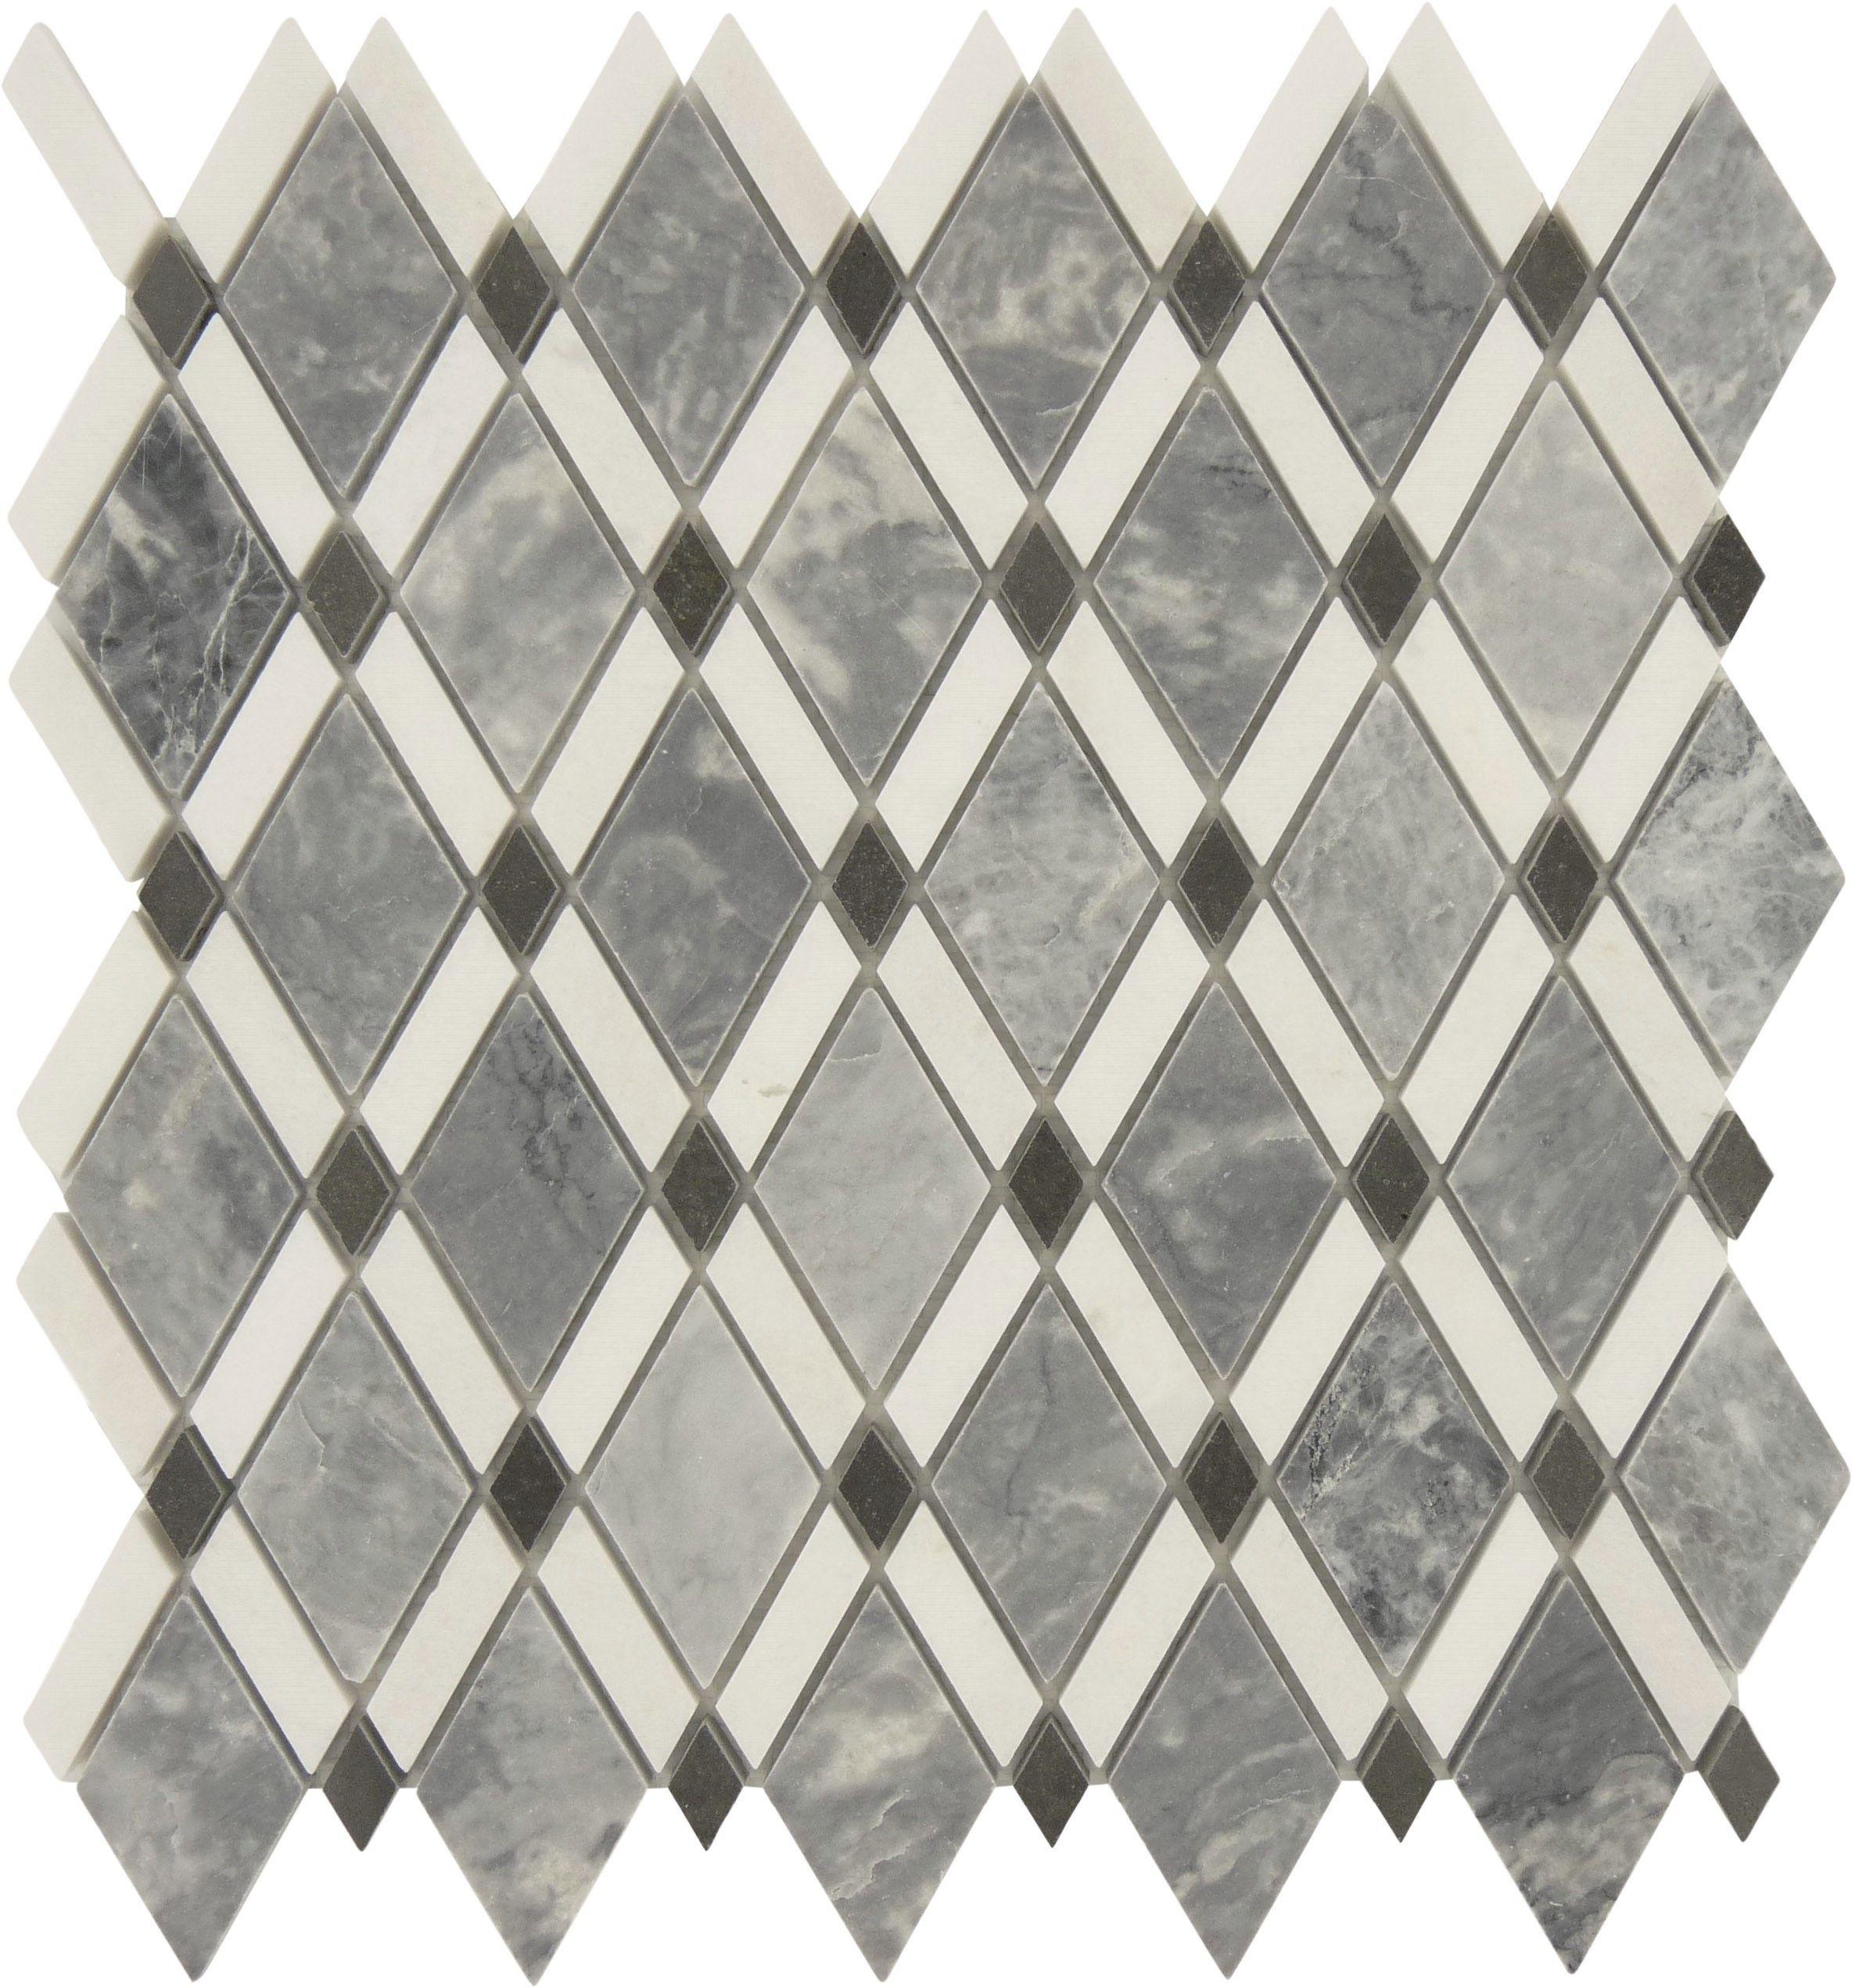 Sheet Size 12 Quot X 12 1 X2f 4 Quot Tile Size 1 3 X2f 4 Quot X 2 3 X2f 4 Quot Tiles Per Sheet 220 Diamond Tile Diamond Stone Stone Tiles